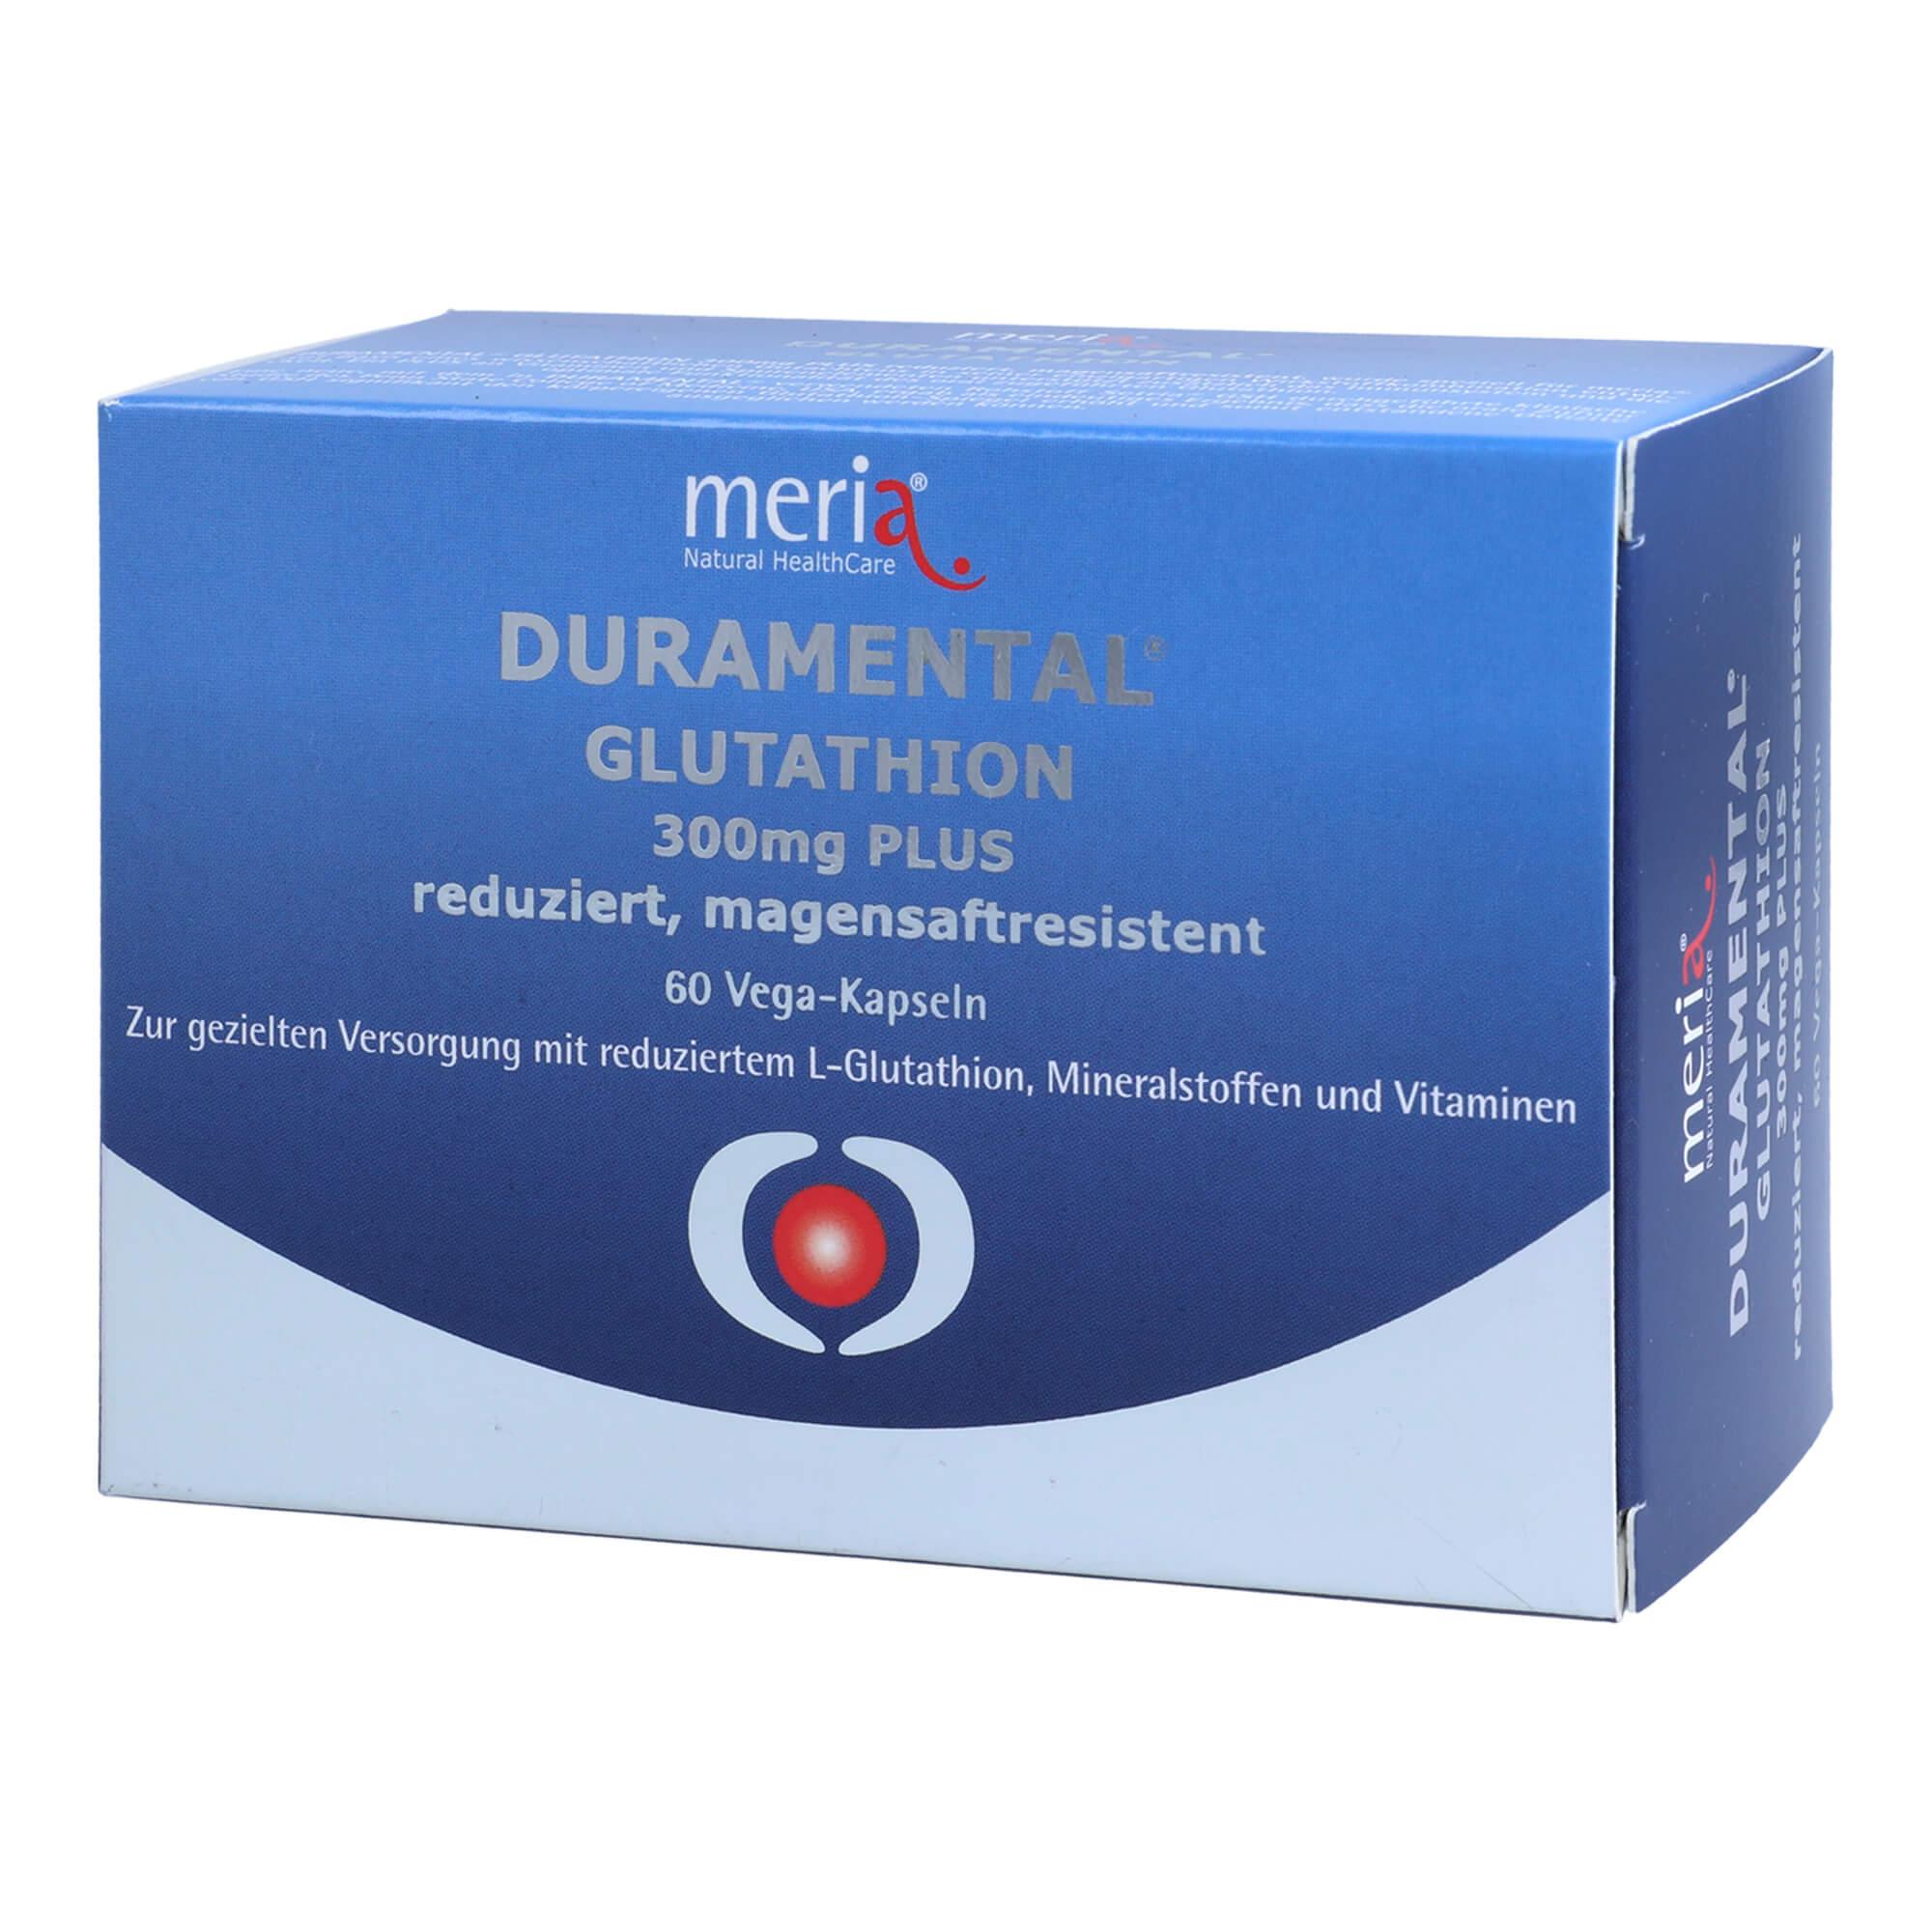 Duramental Glutathion 300 mg PLUS